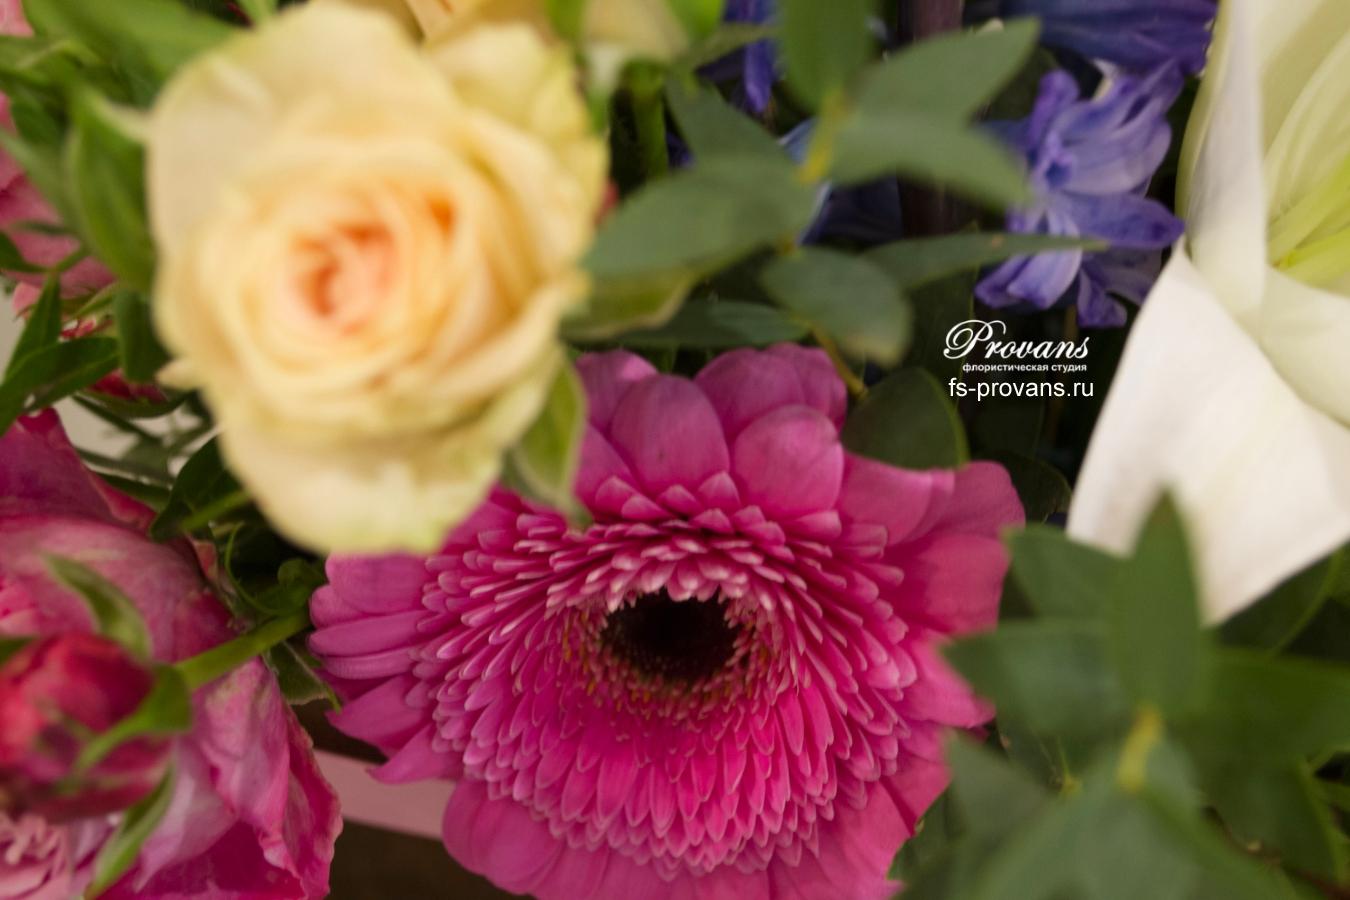 Композиция с цветами. Лилия, гербера, вероника, тюльпаны, розы, гиацинты